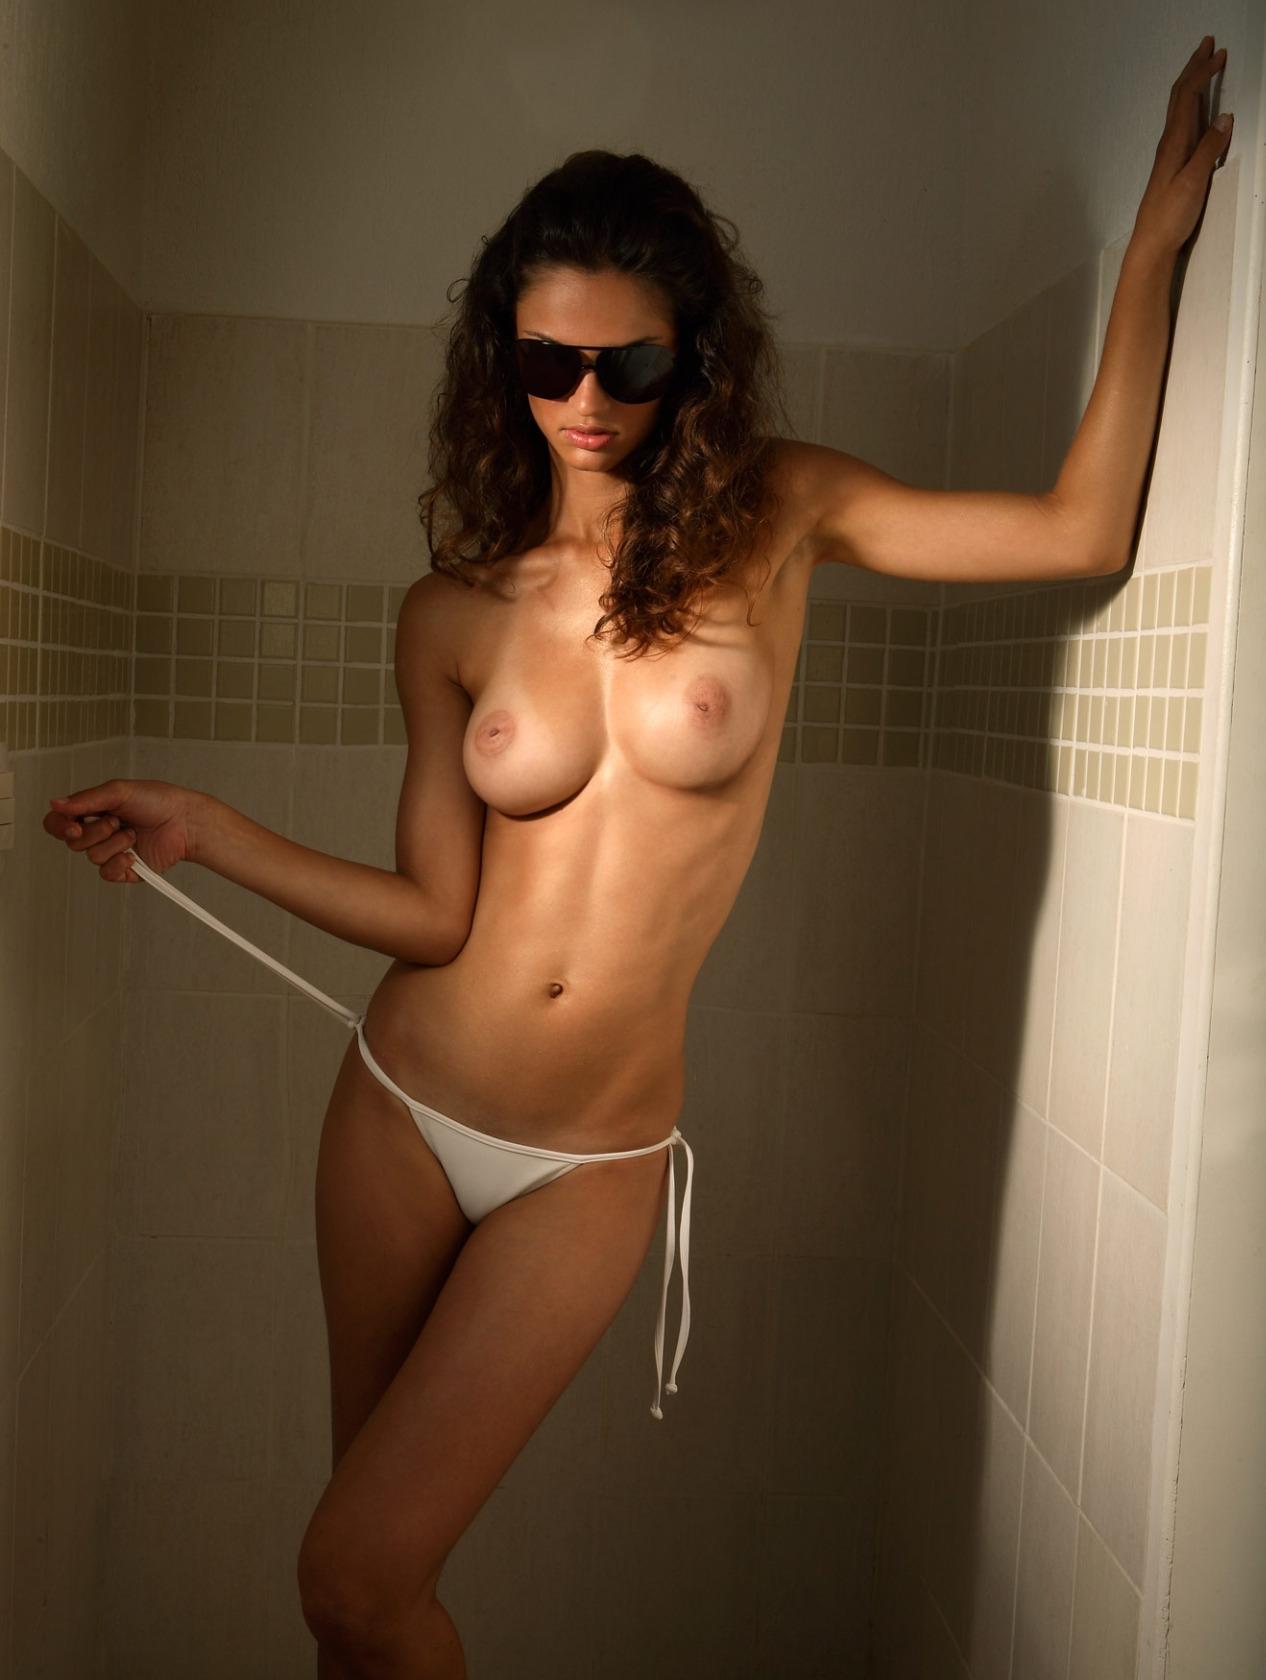 Надела очки и показала грудь